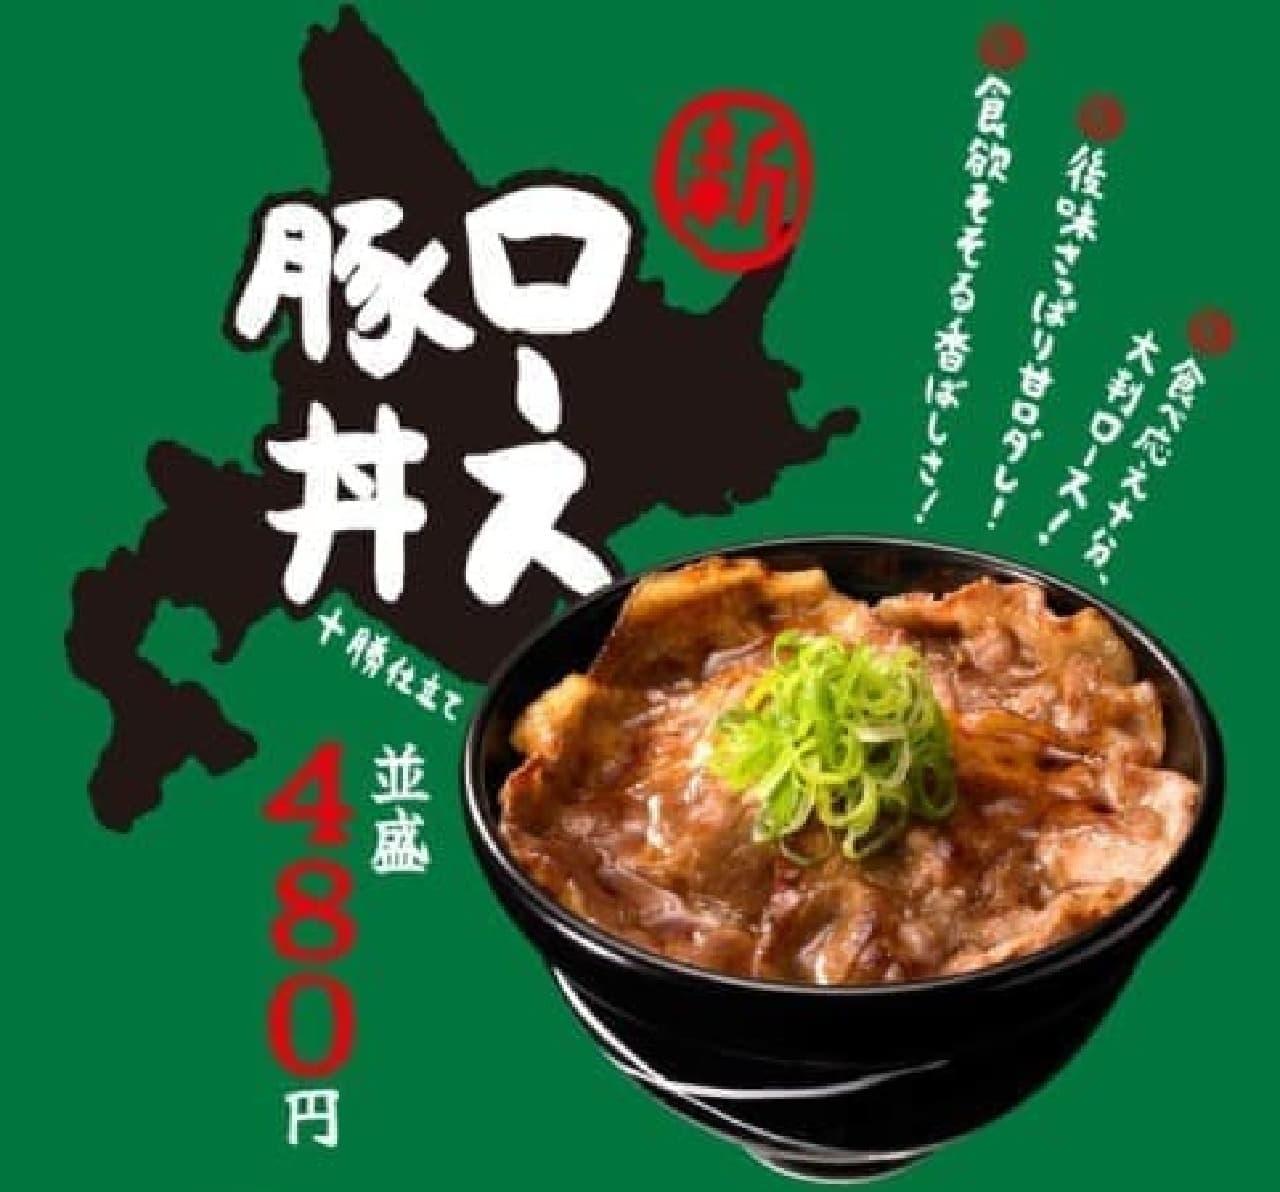 甘口ダレの「ロース豚丼」発売